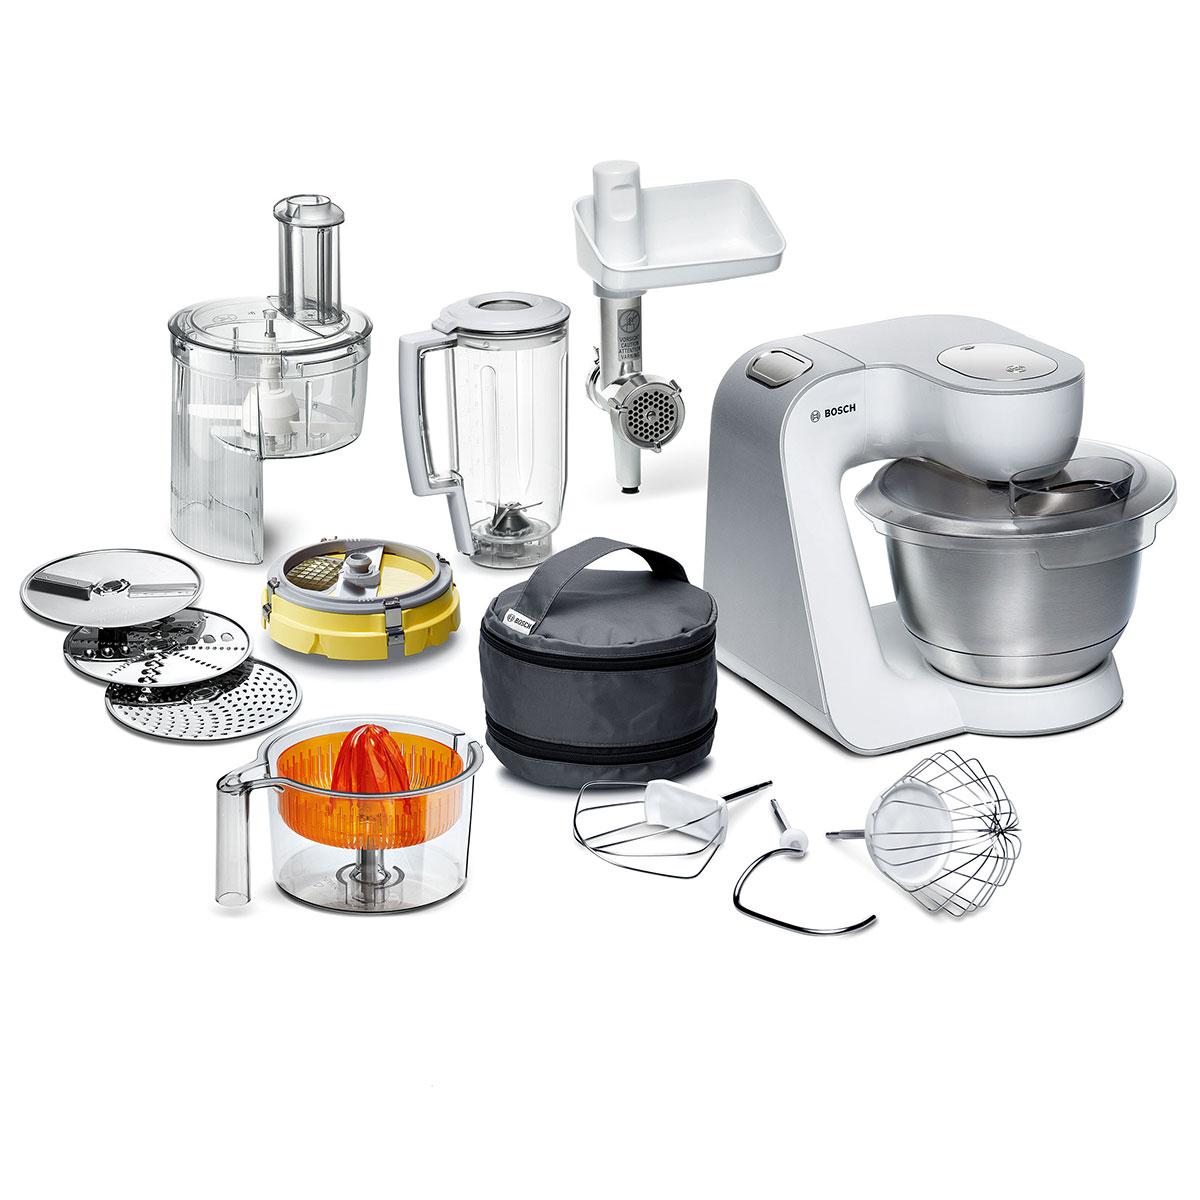 Guide choisir son robot de cuisine sur - Quel est le meilleur robot de cuisine ...